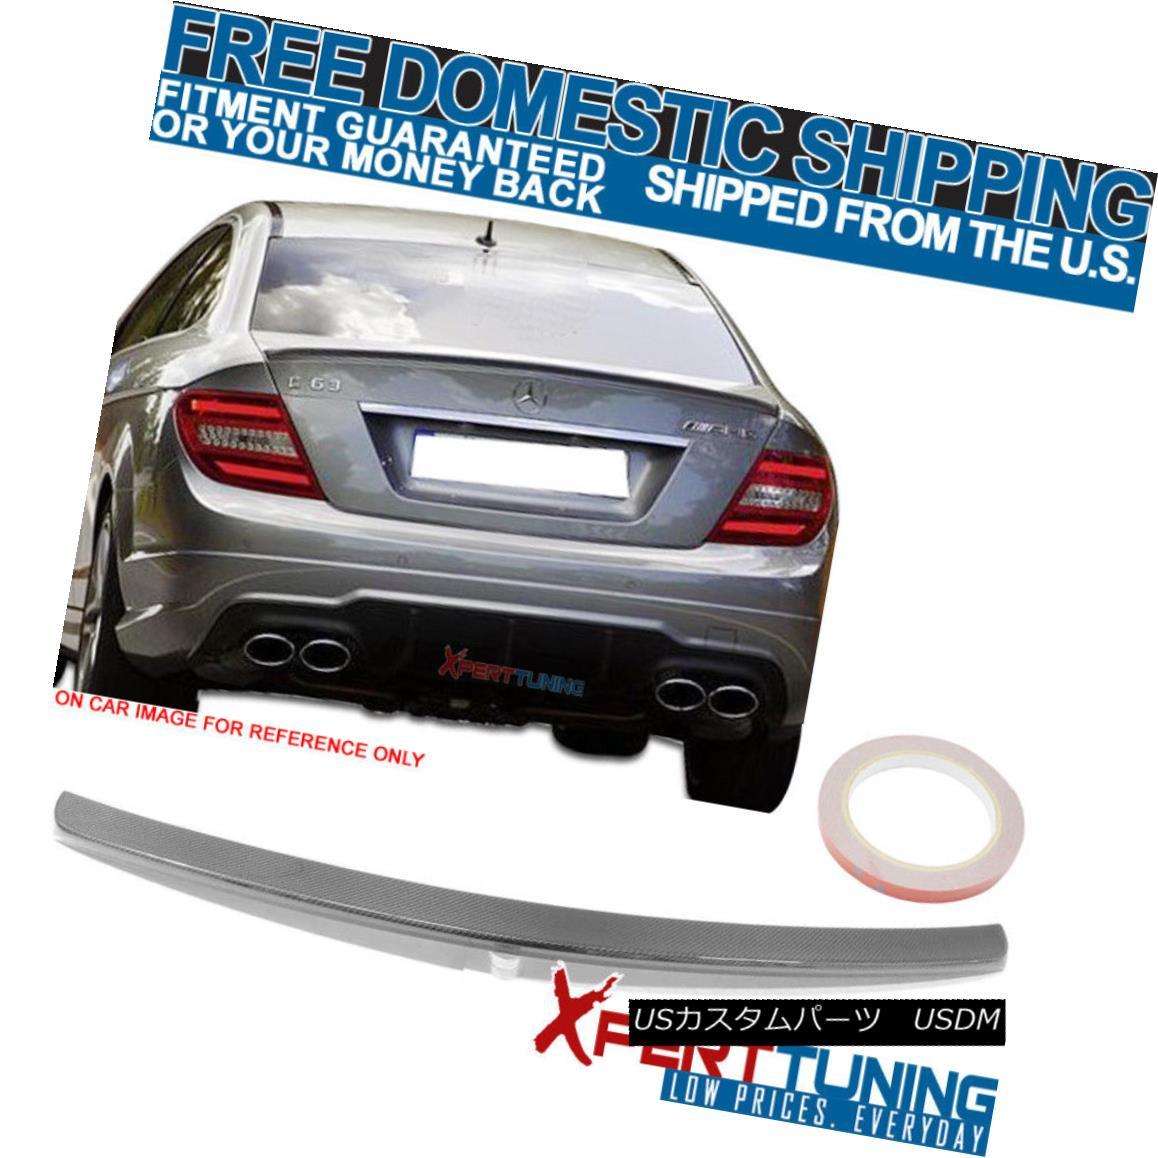 エアロパーツ 12 13 14 15 Benz C Class C204 2Dr AMG Style CF Carbon Fiber Trunk Spoiler 12 13 14 15ベンツCクラスC204 2Dr AMGスタイルCF炭素繊維トランク・スポイラー